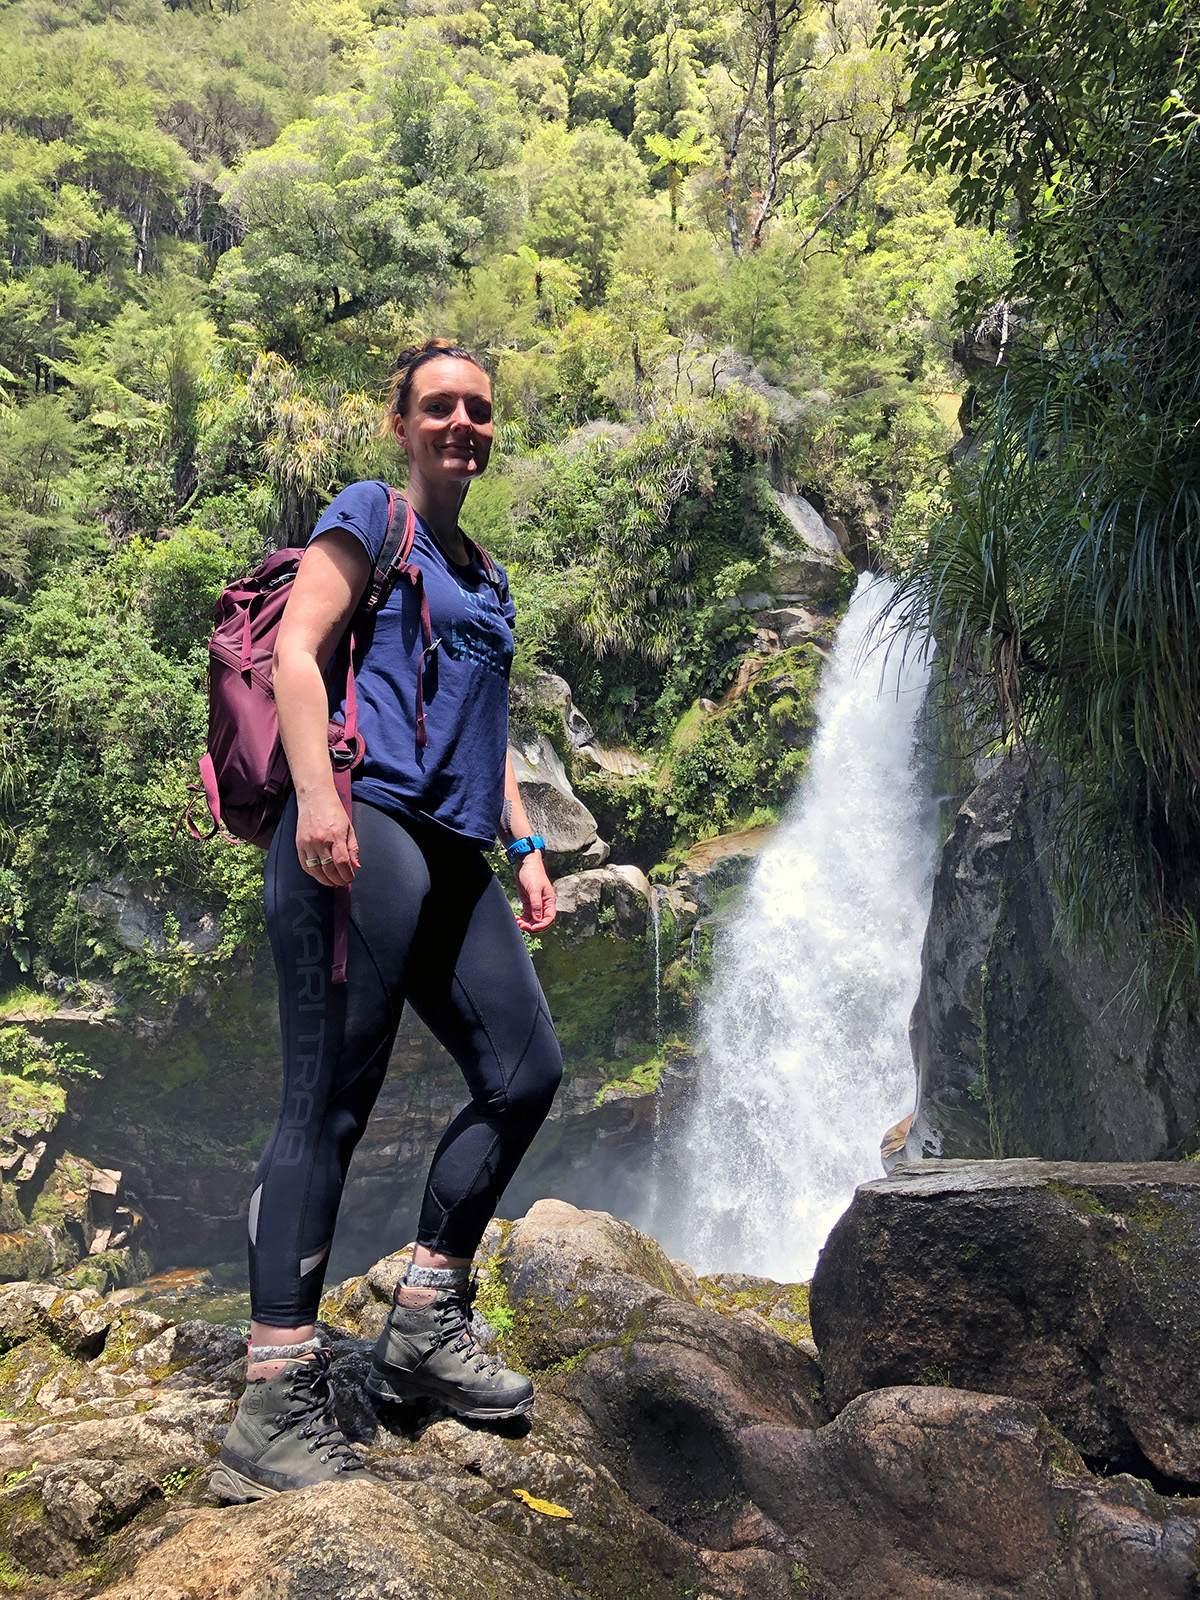 At the Wainui Falls Walk